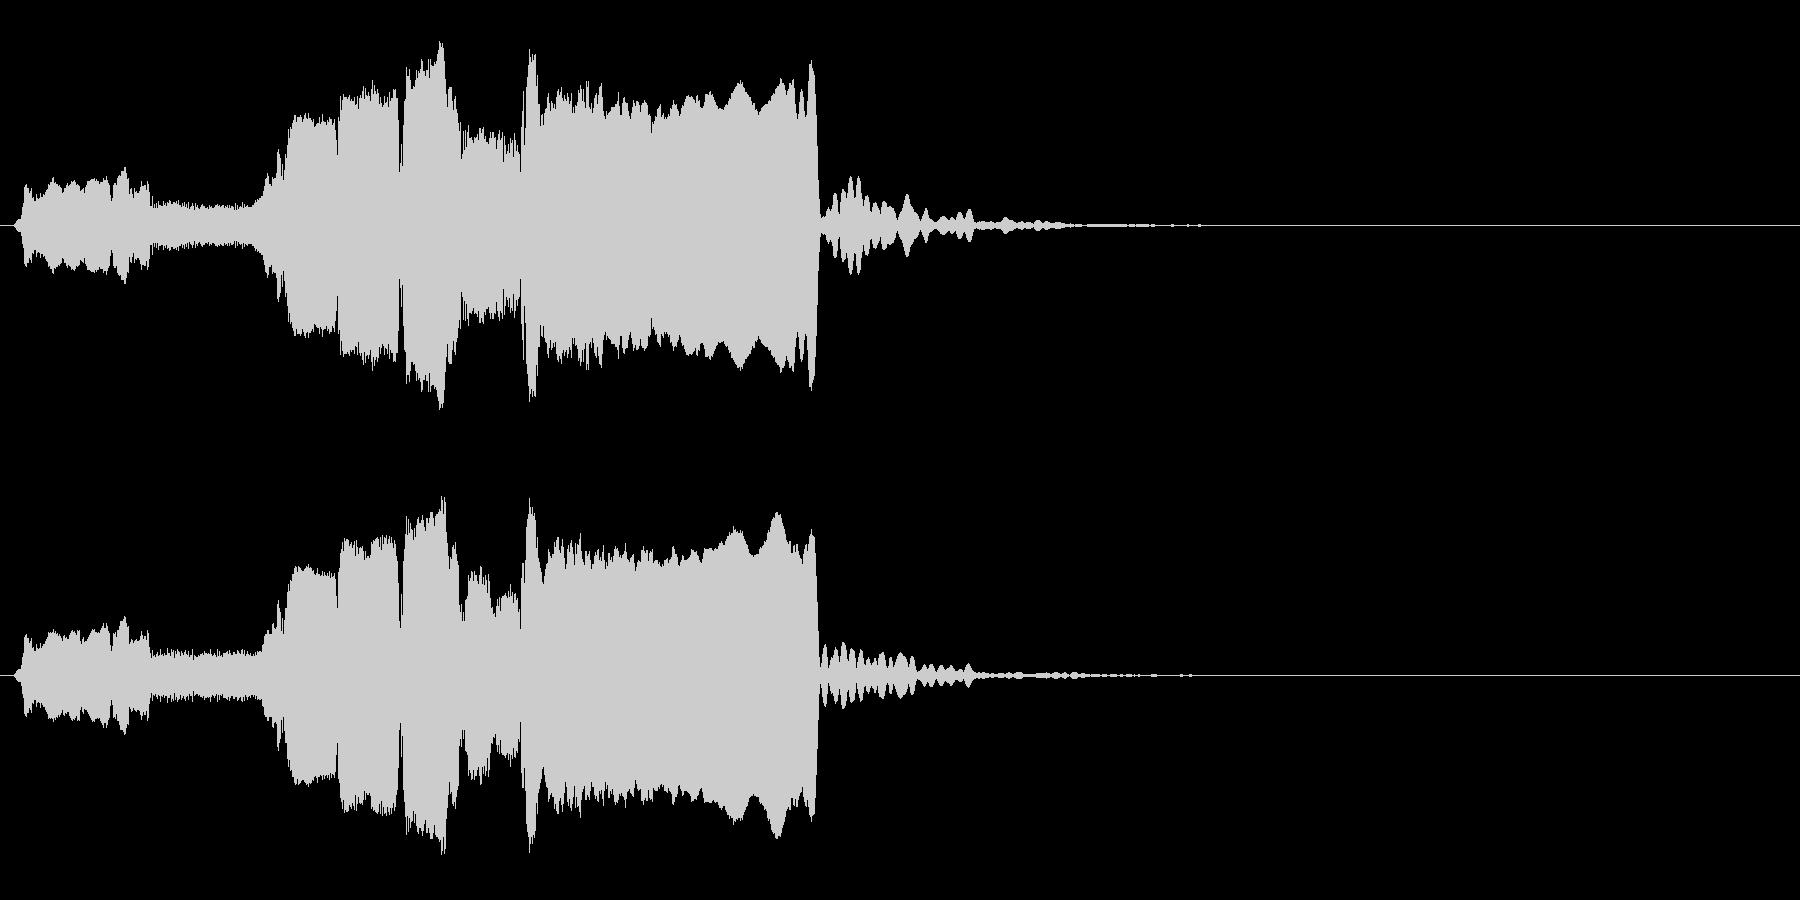 はじまり(早め)◆篠笛生演奏の和風効果音の未再生の波形